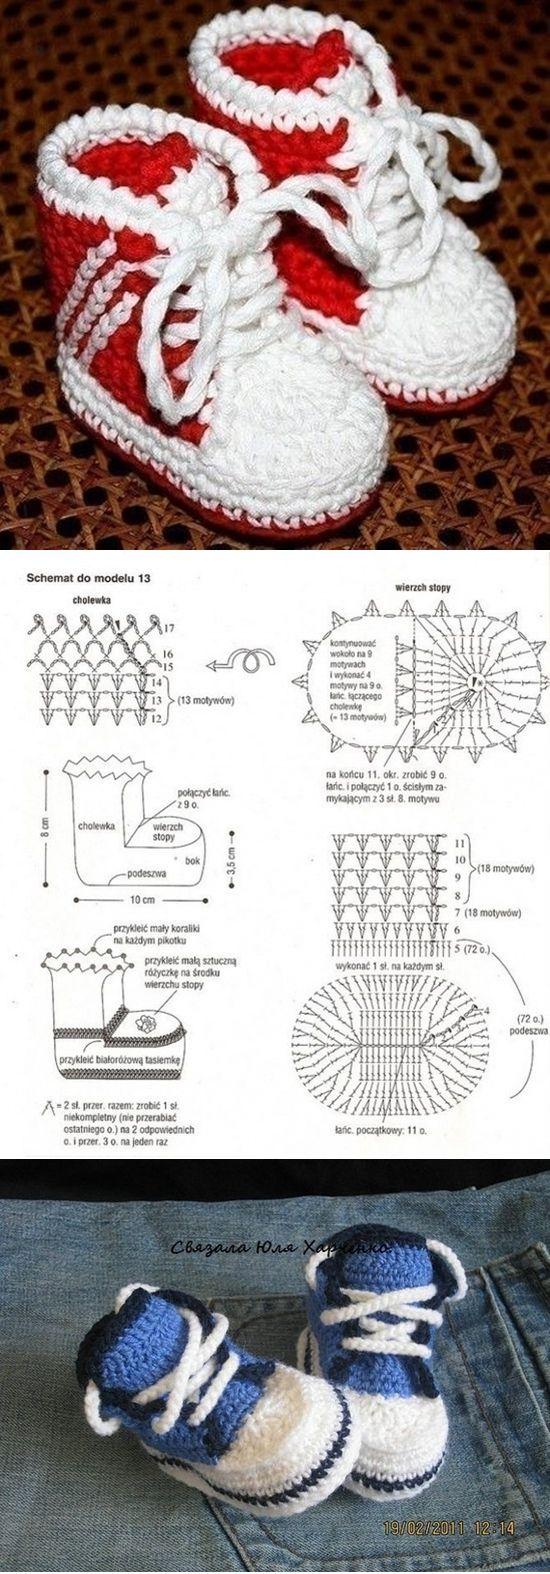 Croche Madona-mía puntos y graficos: Zapatitos de Bebe paso a paso ...